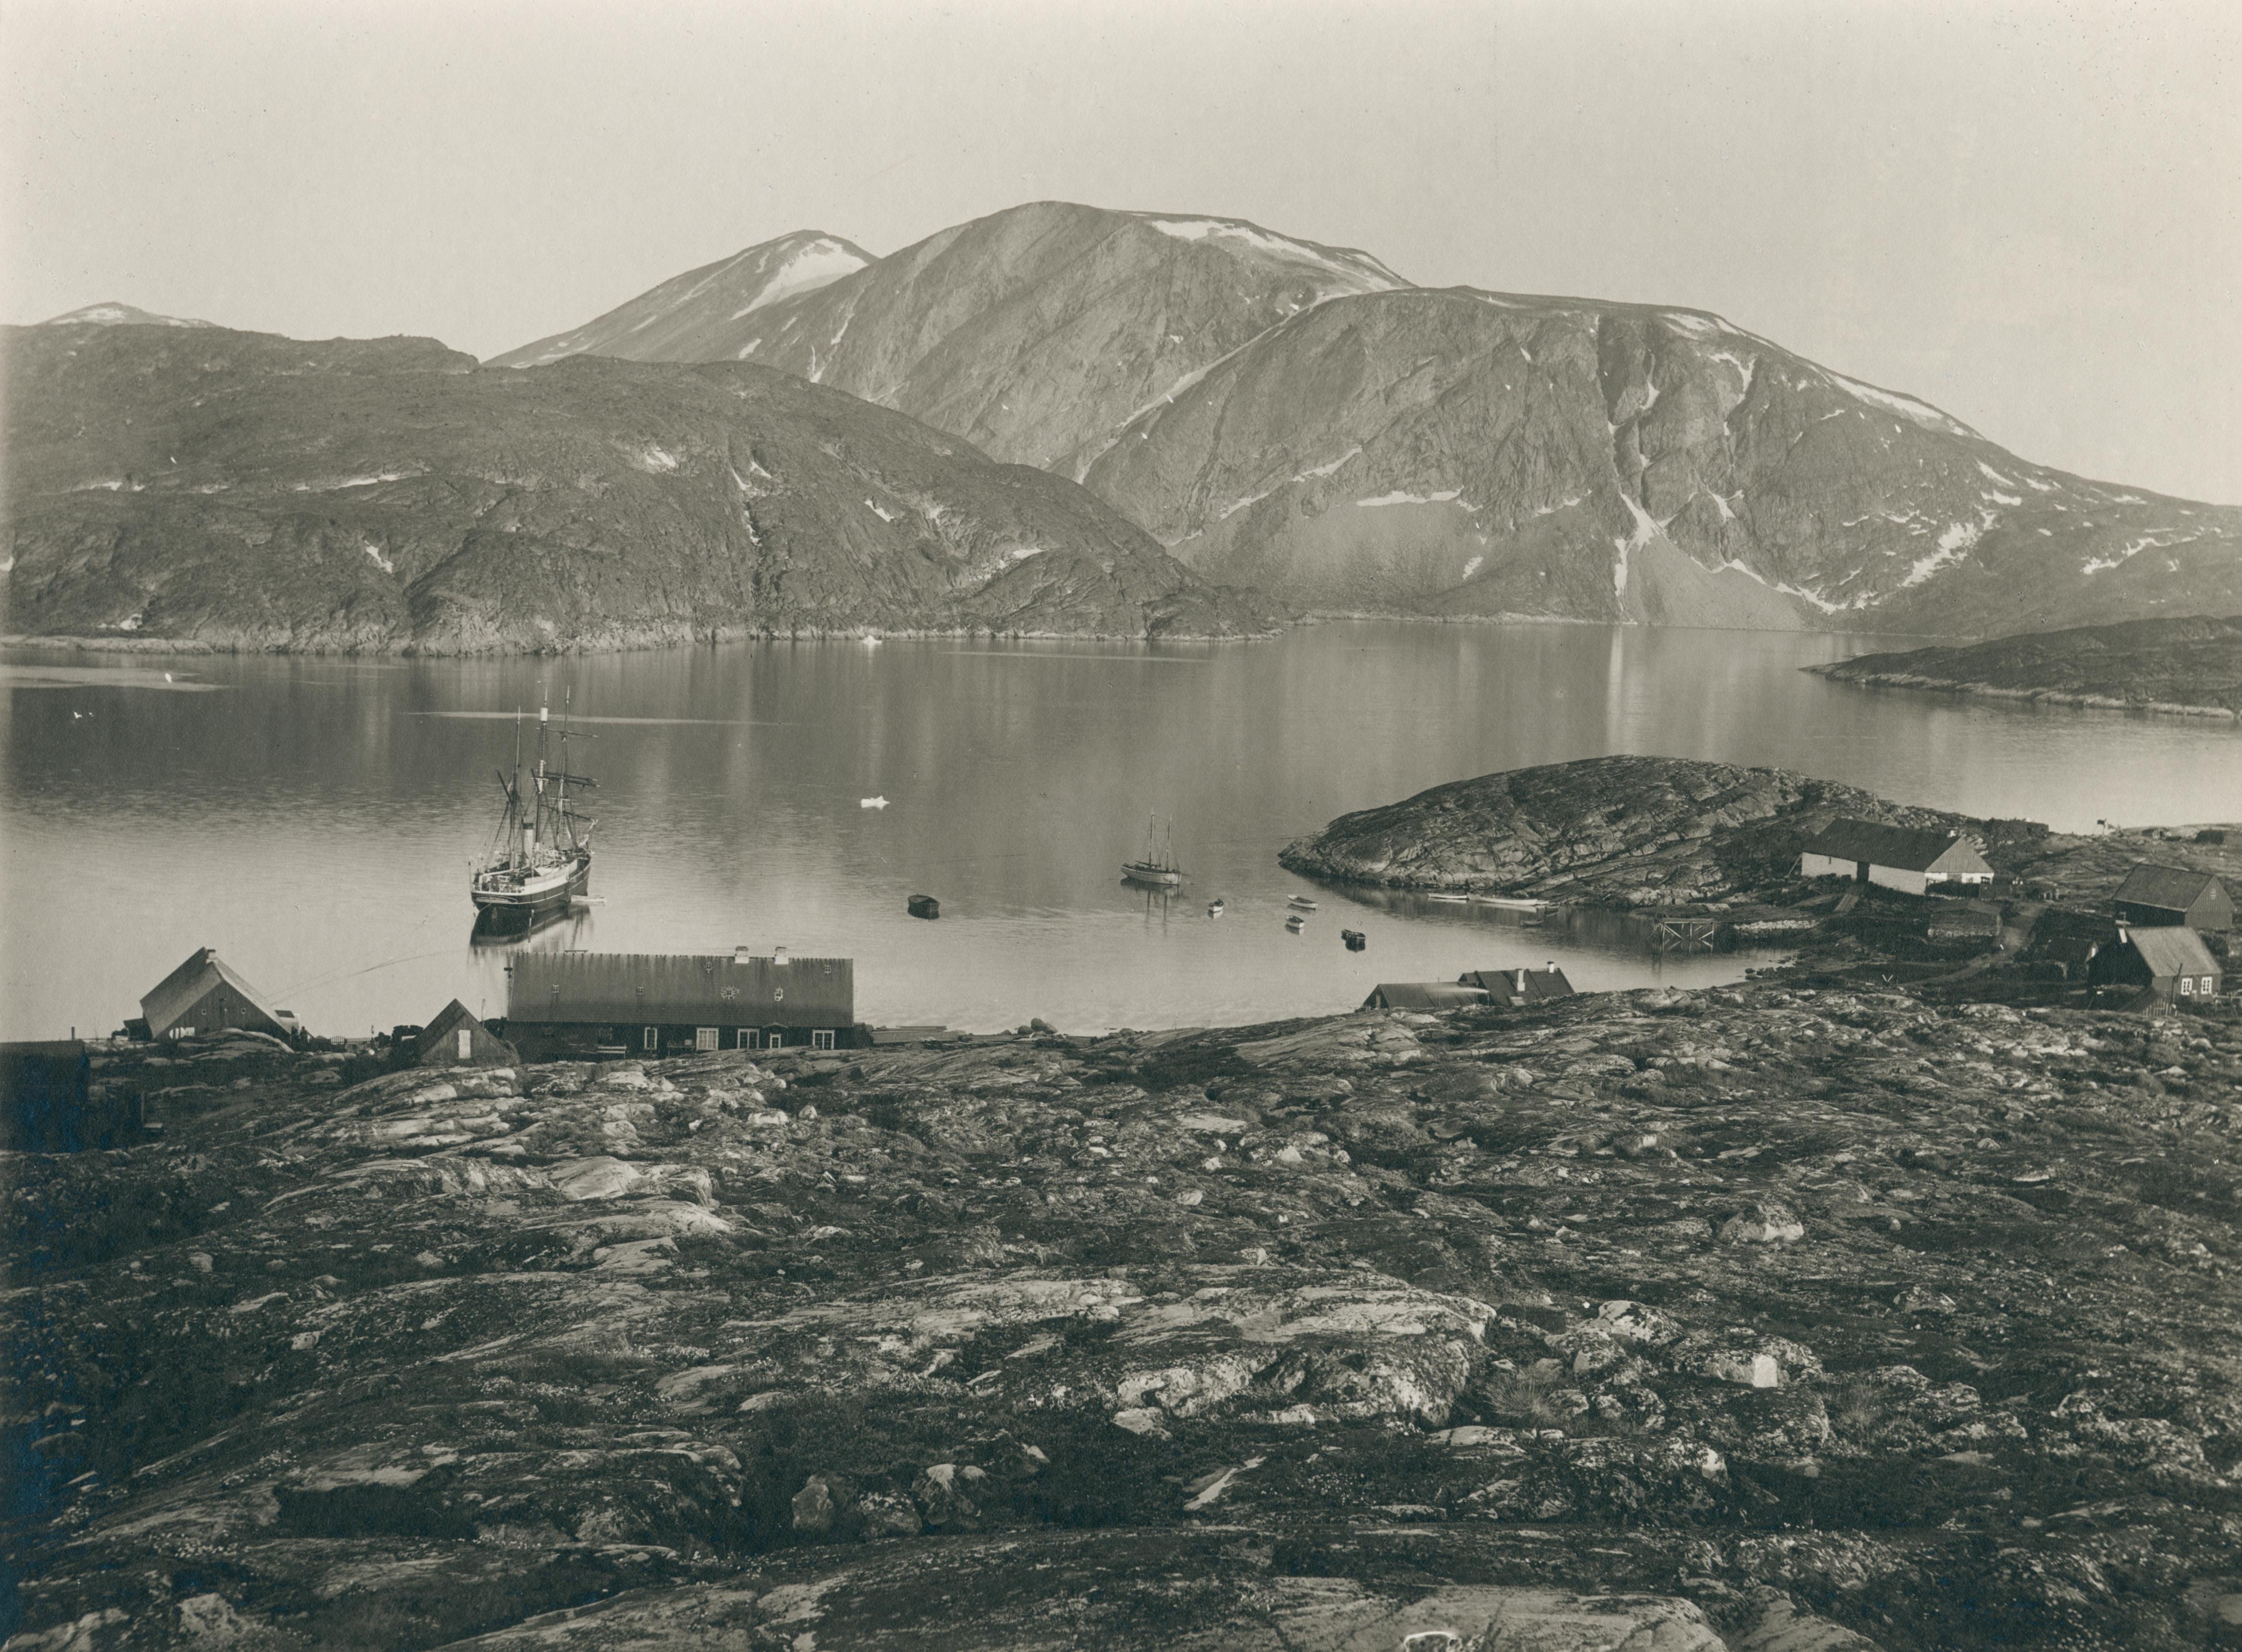 Qeqertarsuaq (Qaanaaq)